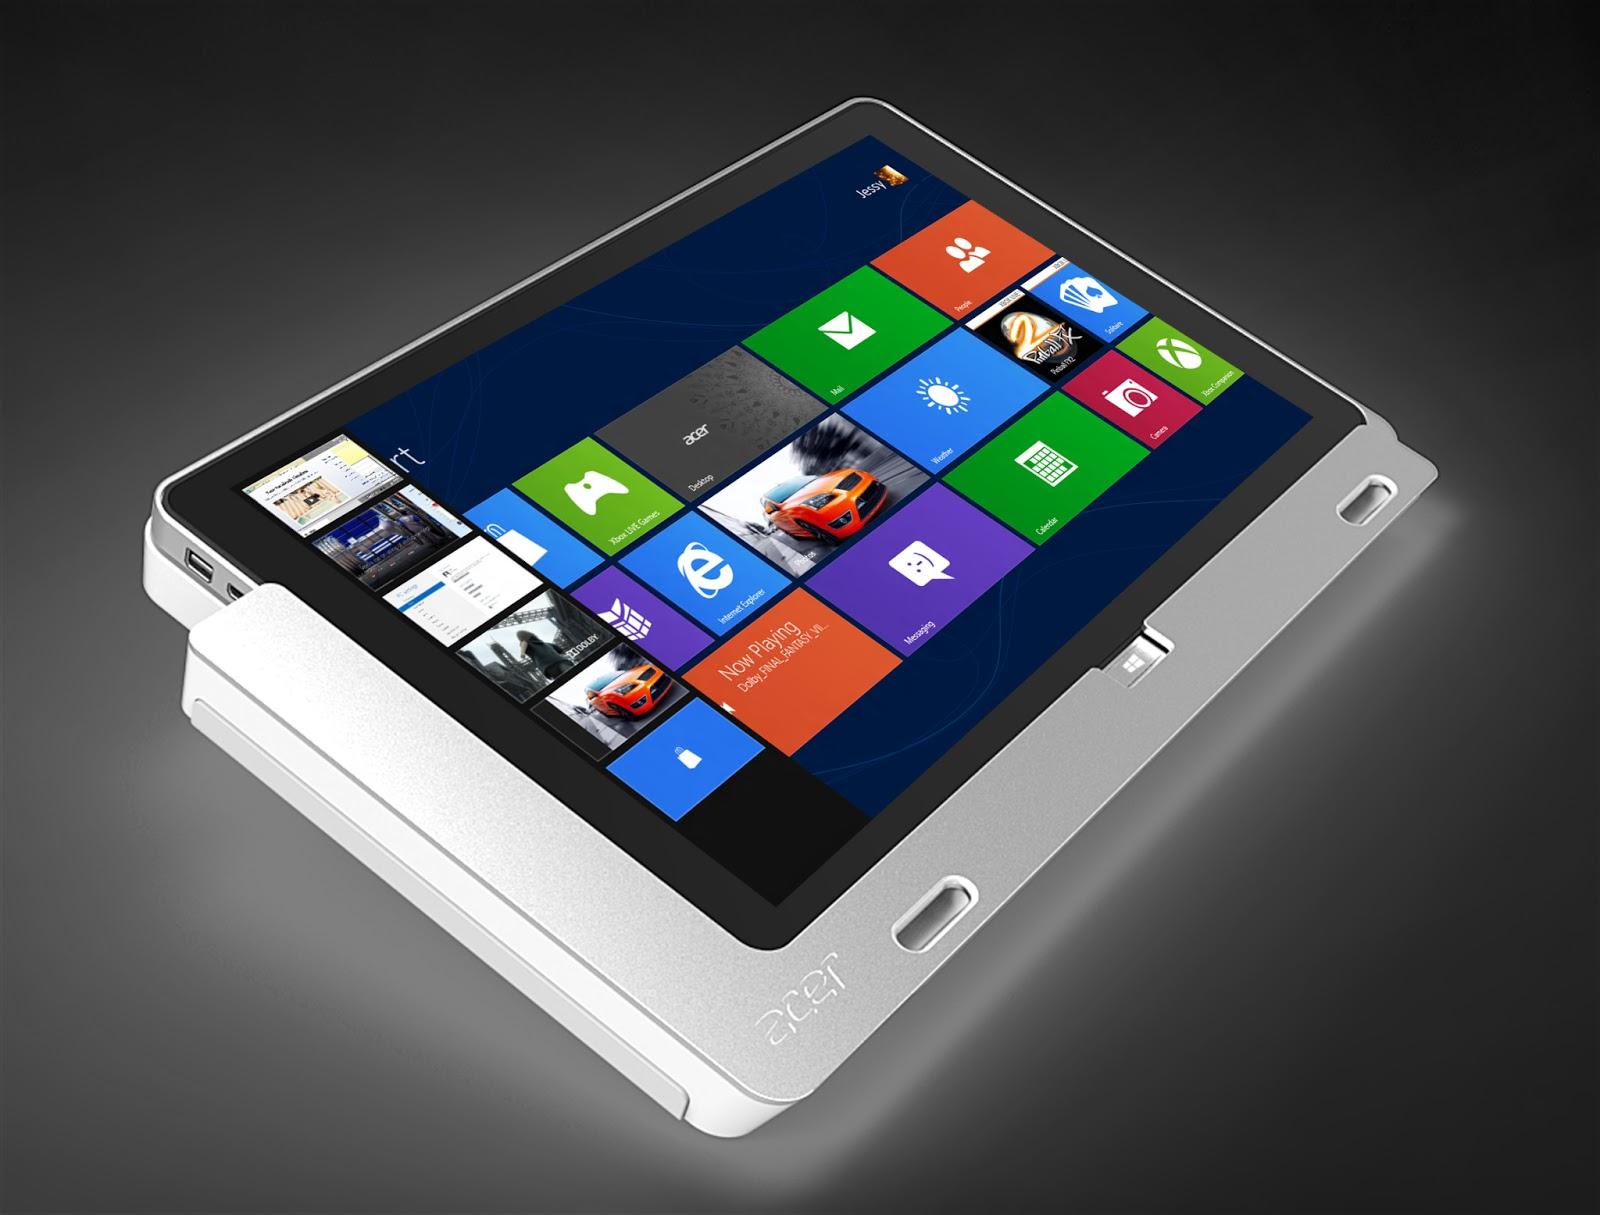 harga laptop acer 2013 berikut ini terdiri dari harga sekitar 2,5